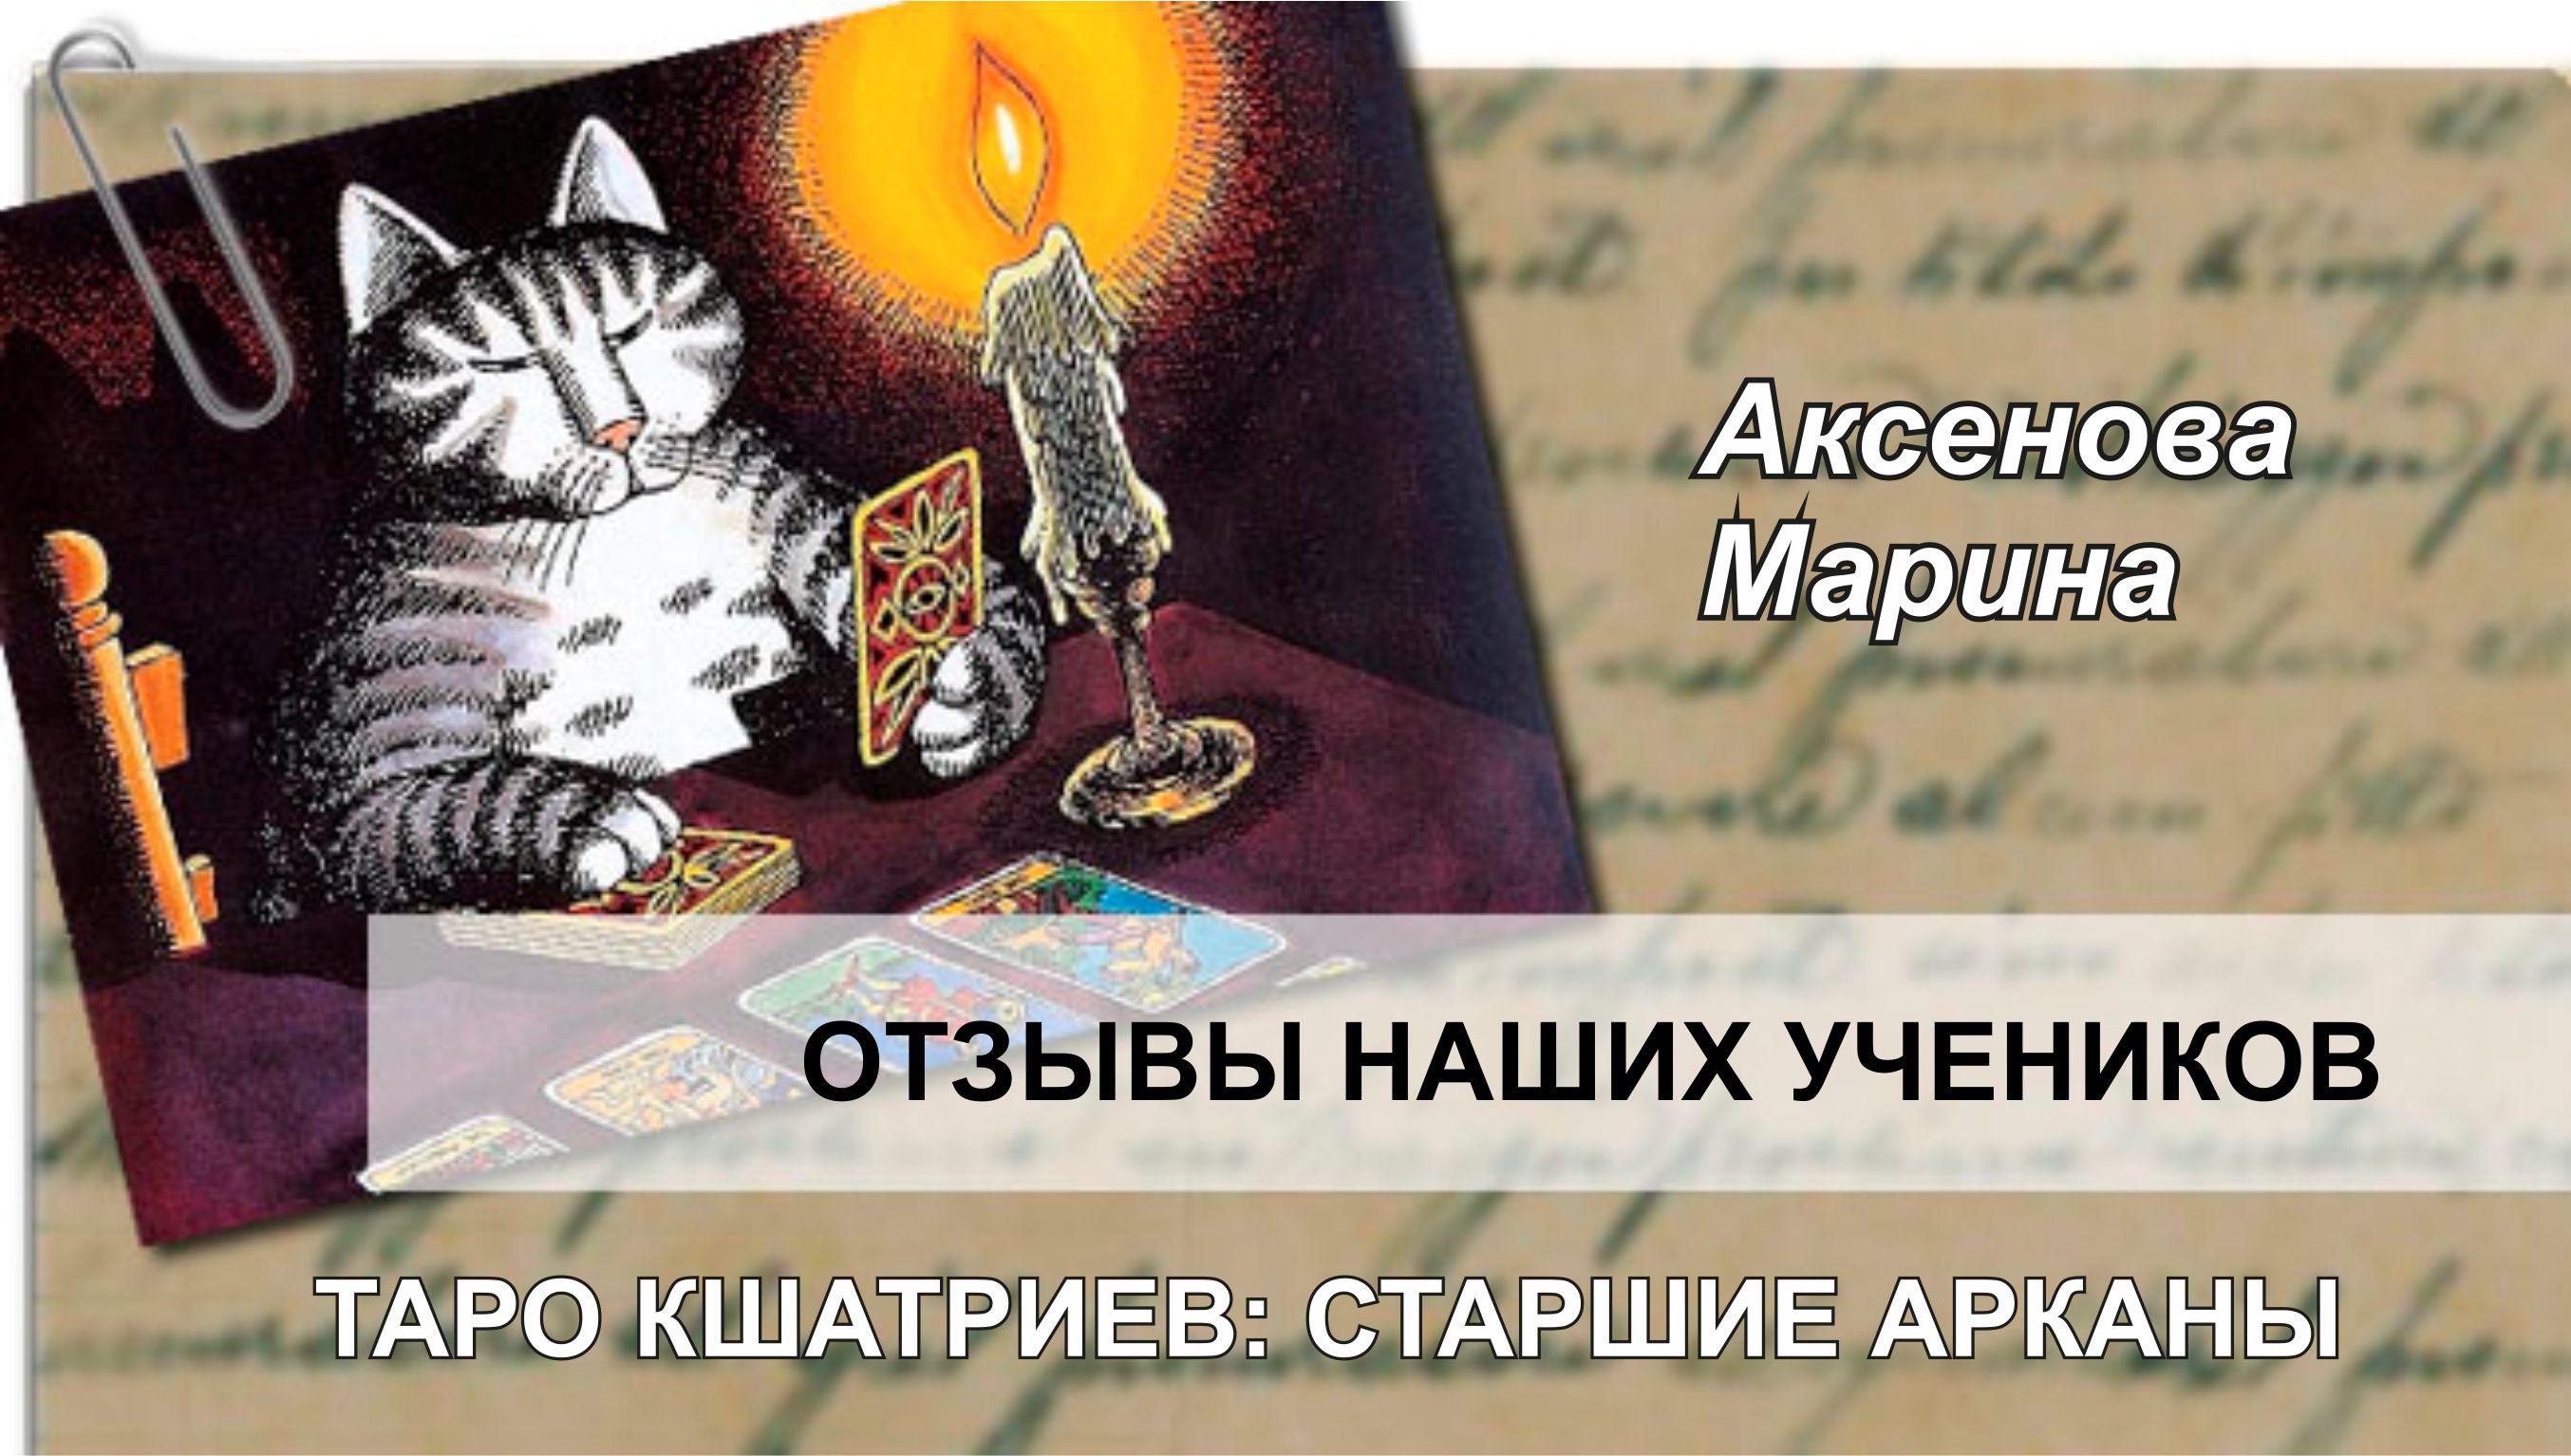 Аксенова Марина отзыв Таро Кшатриев СА